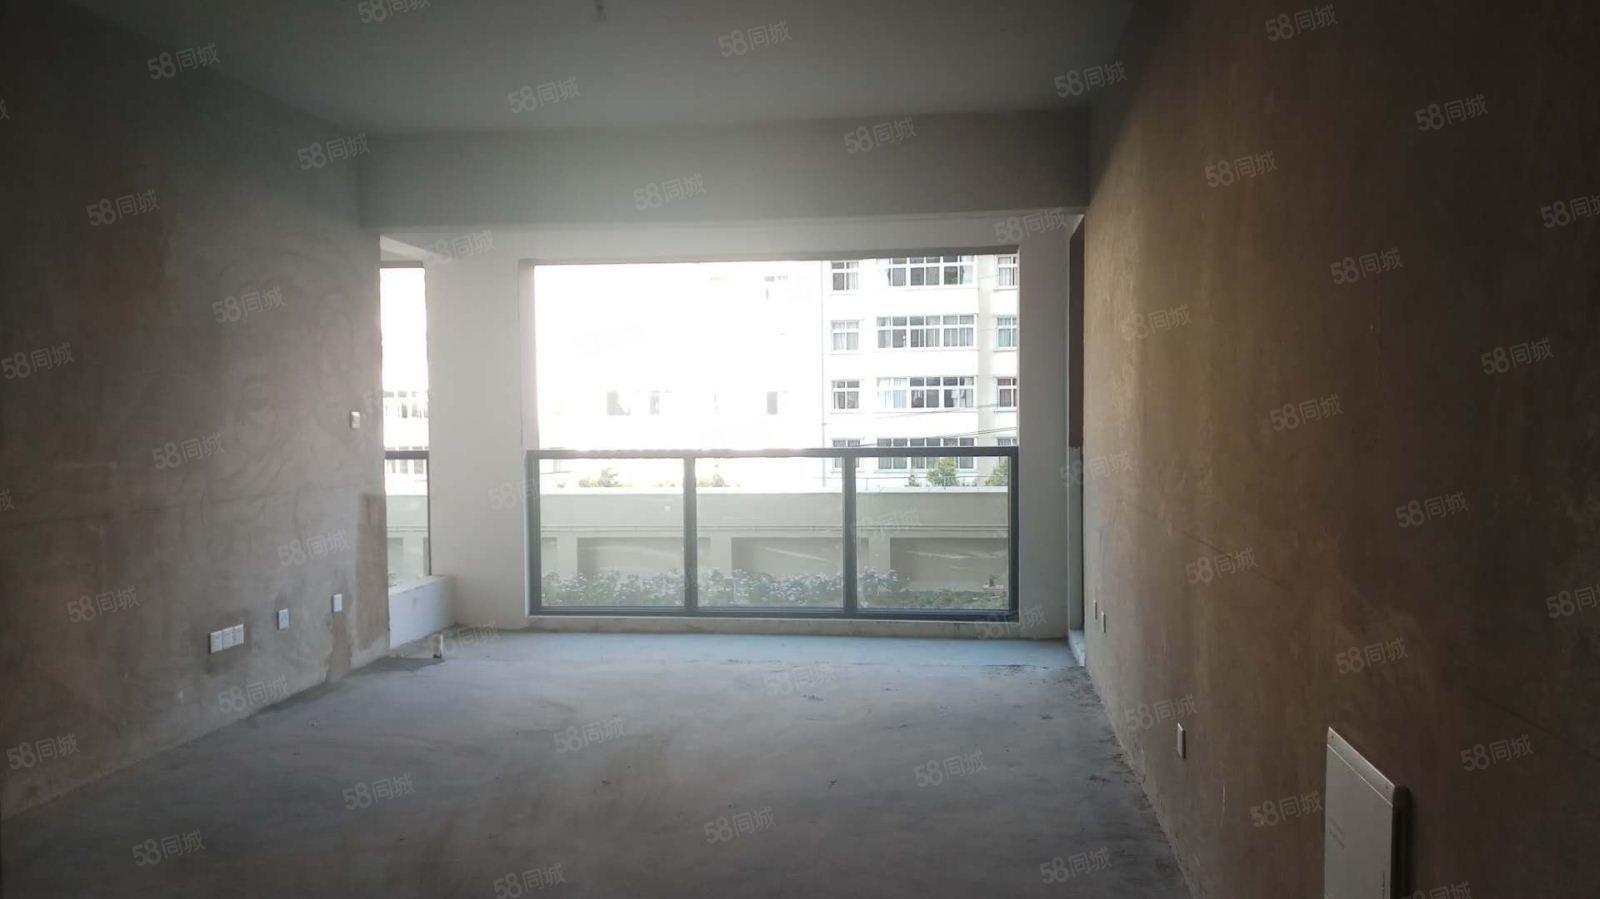 福禄瑞园3室2卫厅出阳台带车位钥匙房随时看